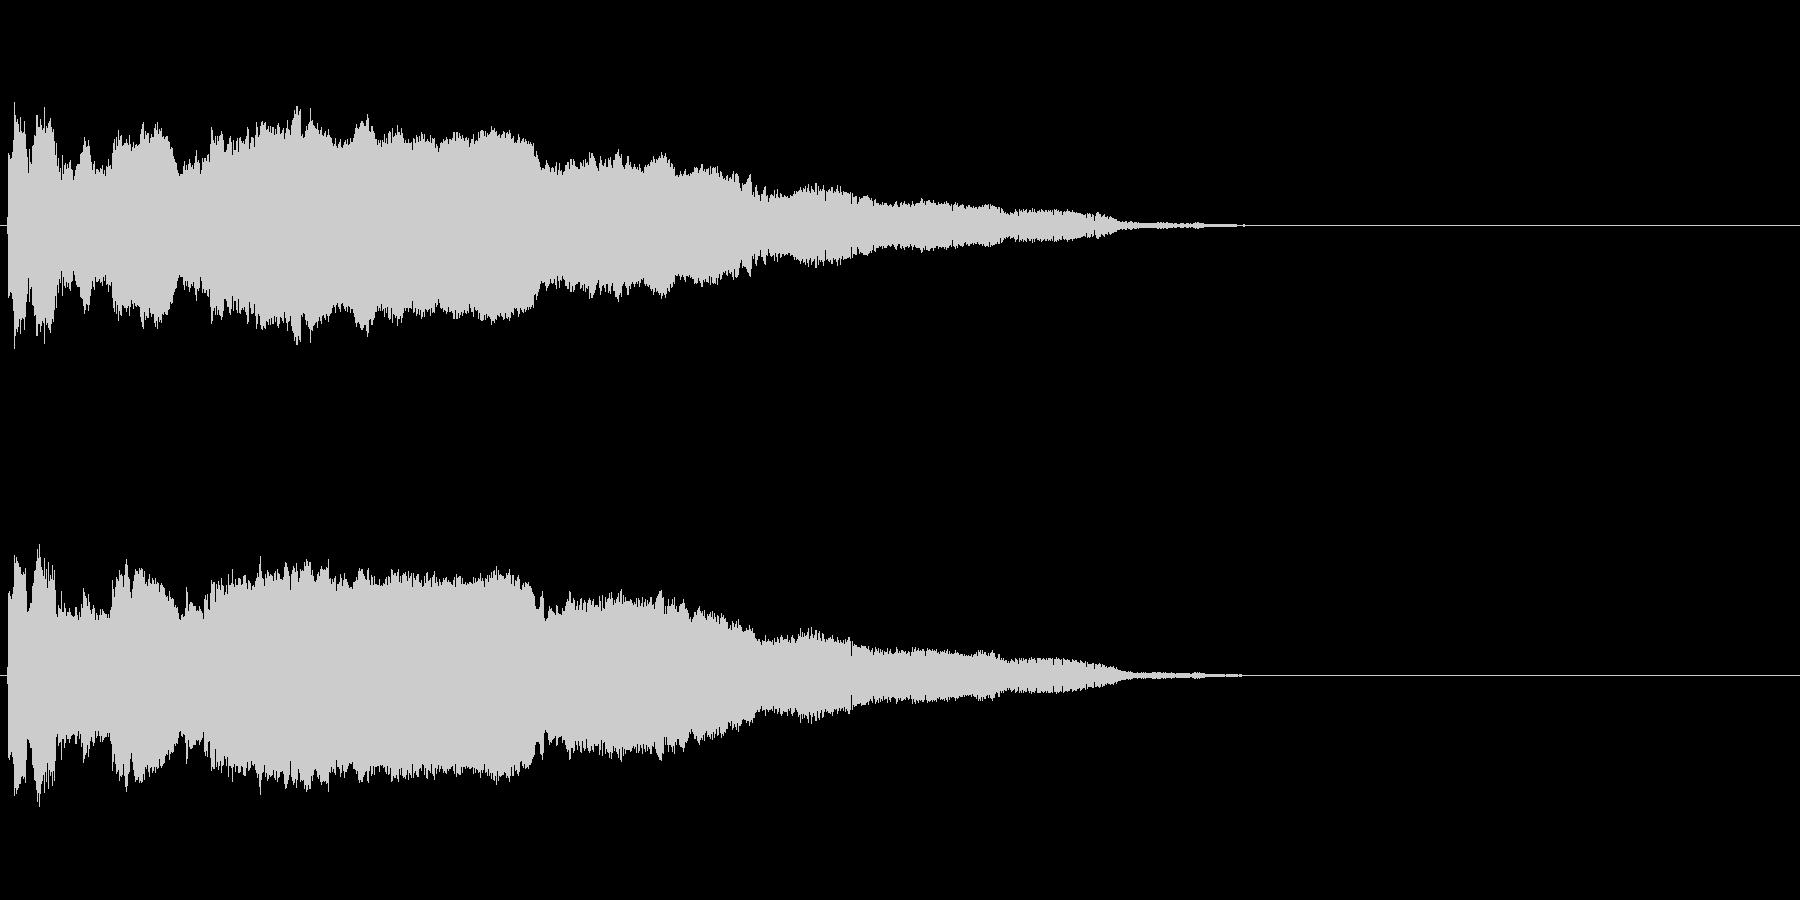 「プ〜〜ッ!」おもちゃの鳥の鳴き声の擬音の未再生の波形